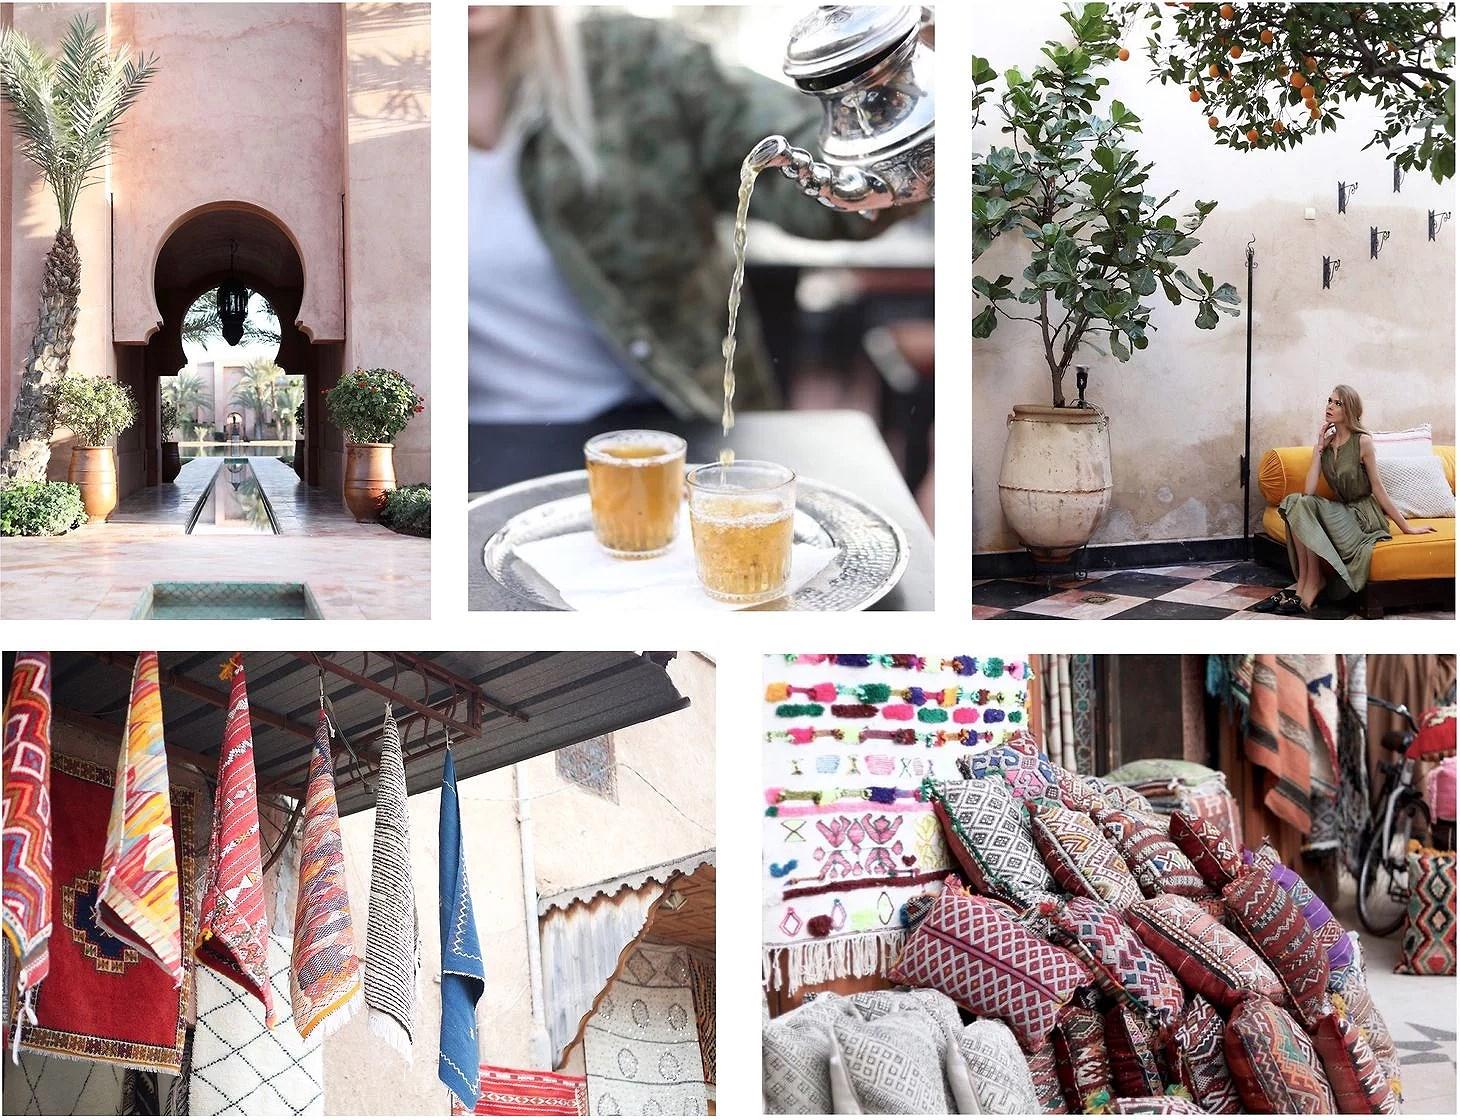 Guide: De fem bedste tips til Marrakech